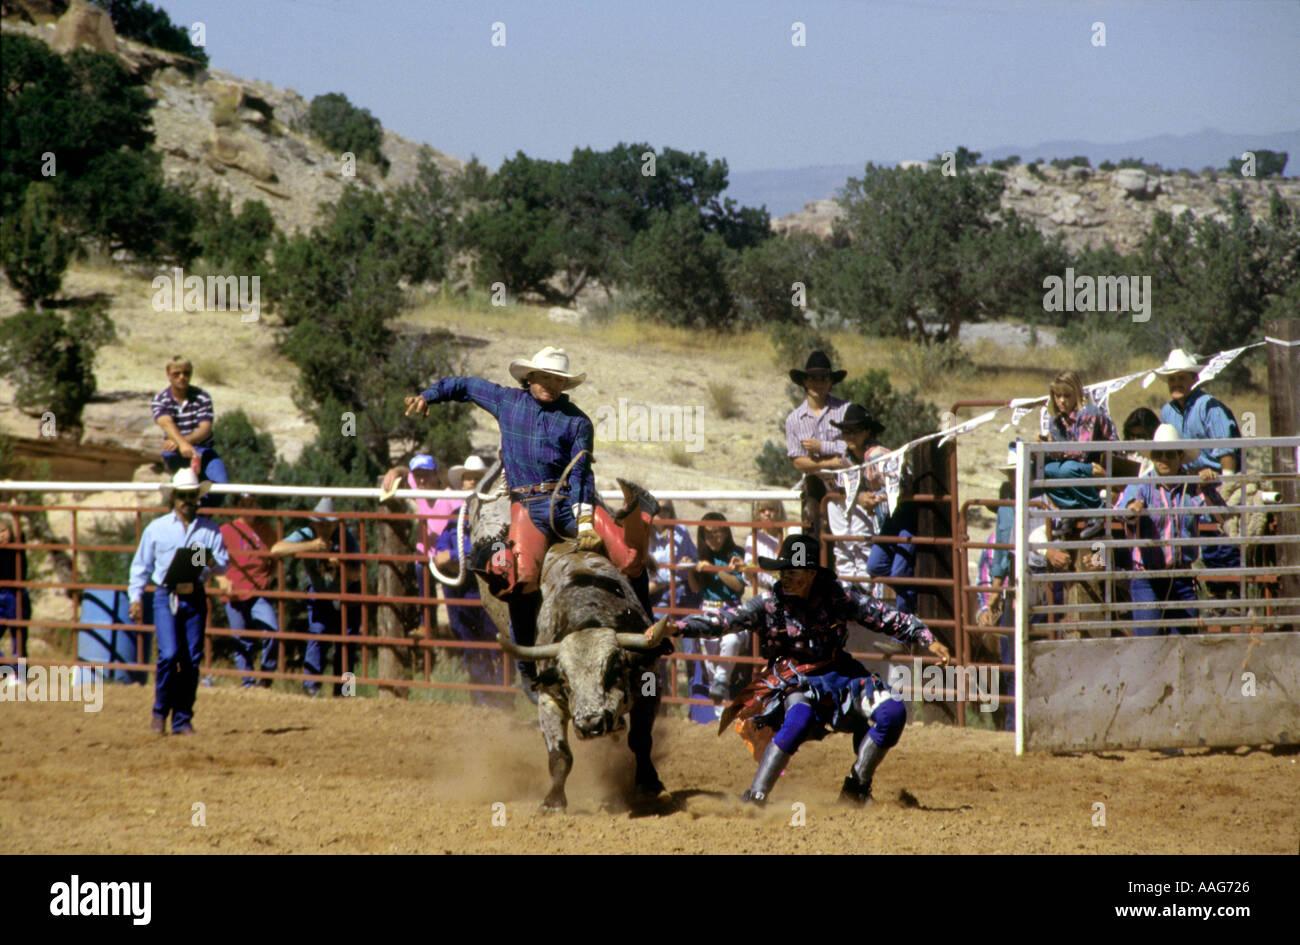 Cowboy Riding Bull Fruita Colorado USA Stock Photo